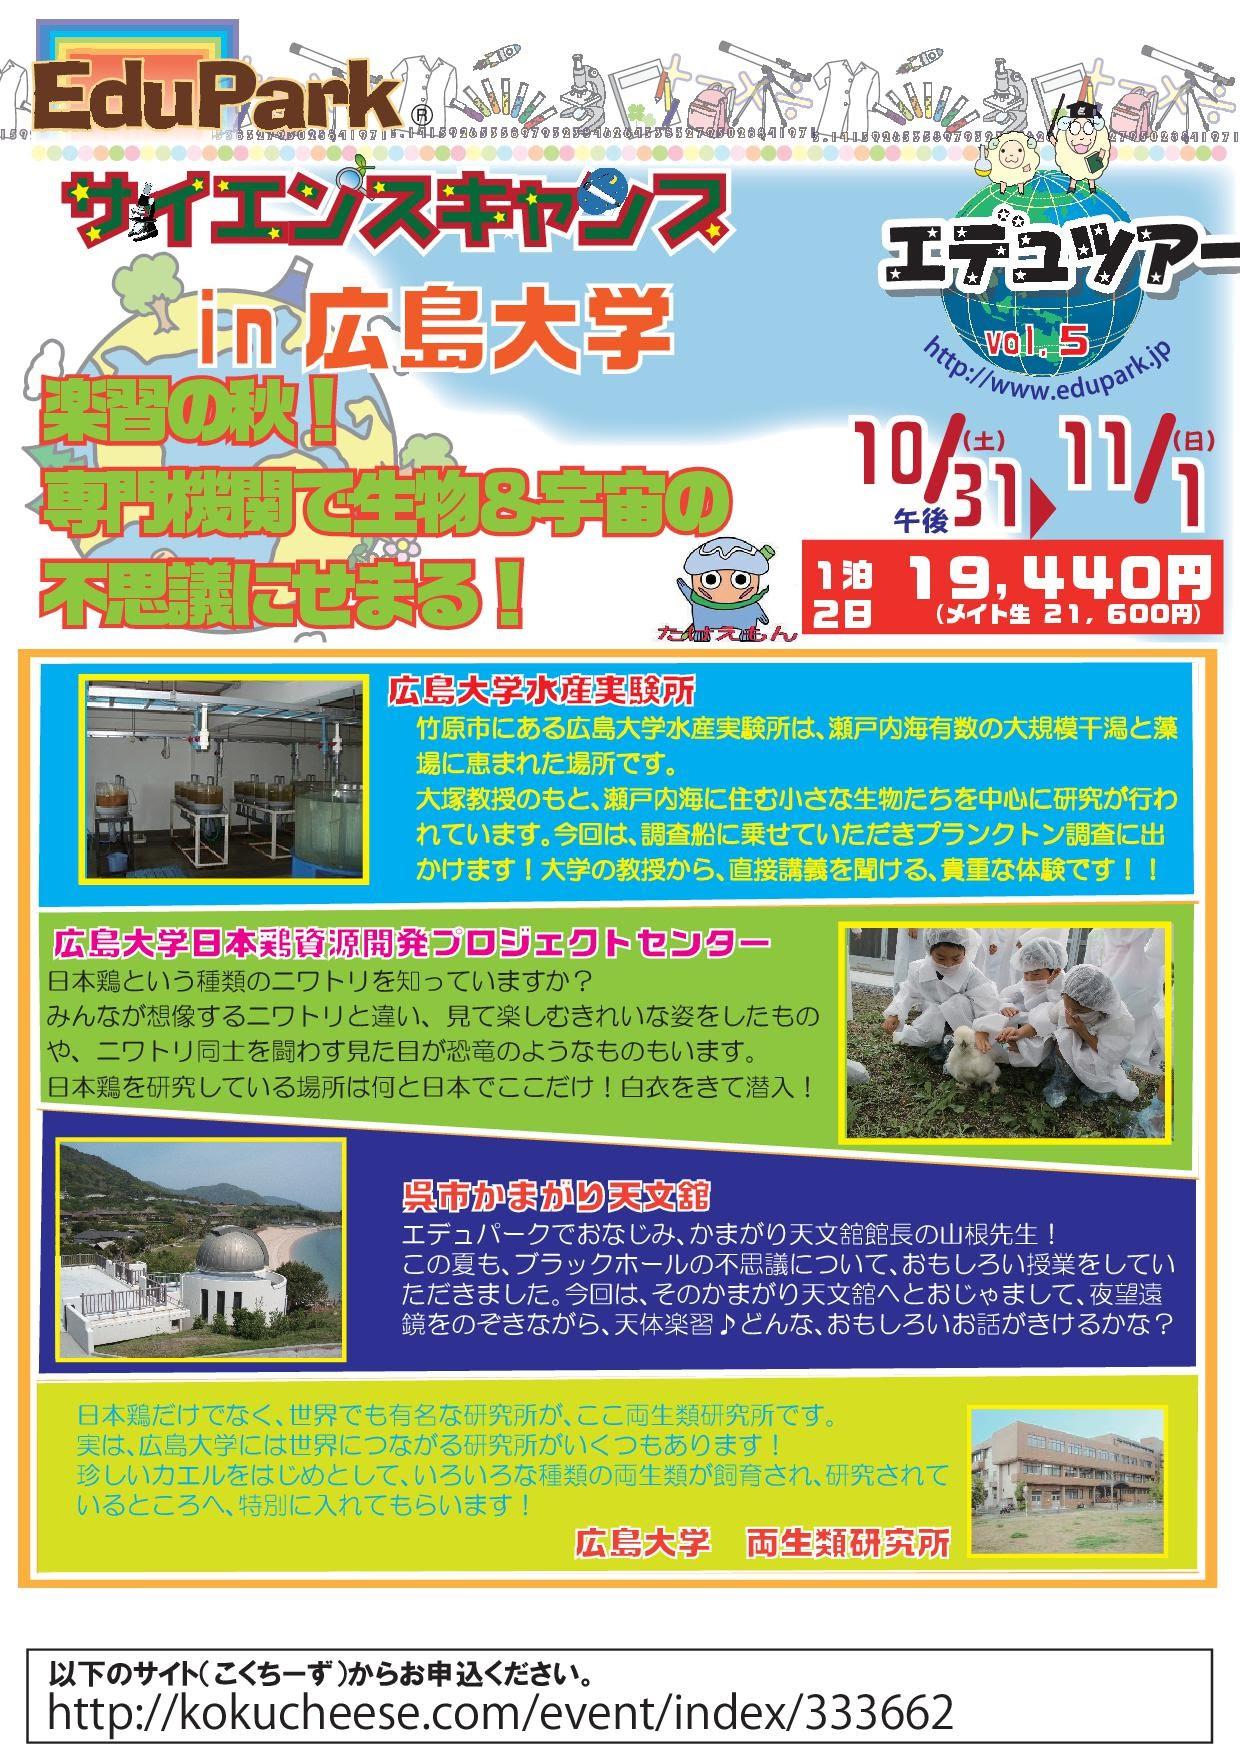 http://kokucheese.com/event/index/333662/